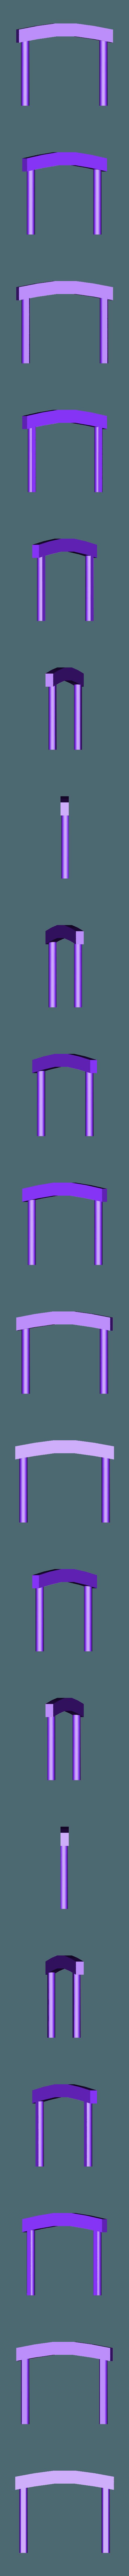 Gate.stl Télécharger fichier STL La grande roue • Plan pour imprimante 3D, Janis_Bruchwalski